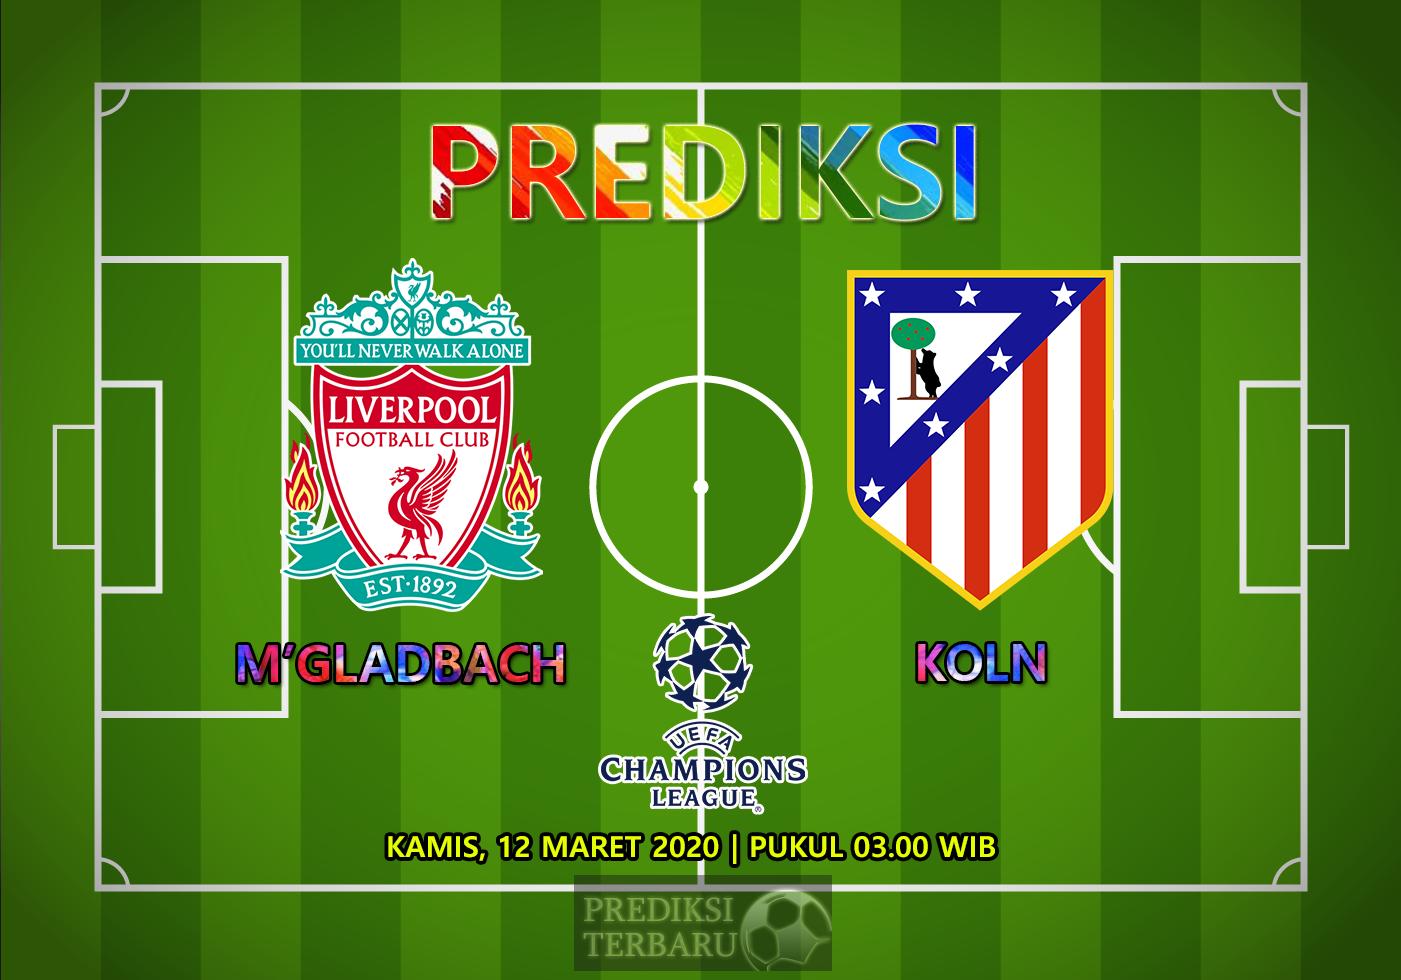 Prediksi Liverpool Vs Atletico Madrid Kamis 12 Maret